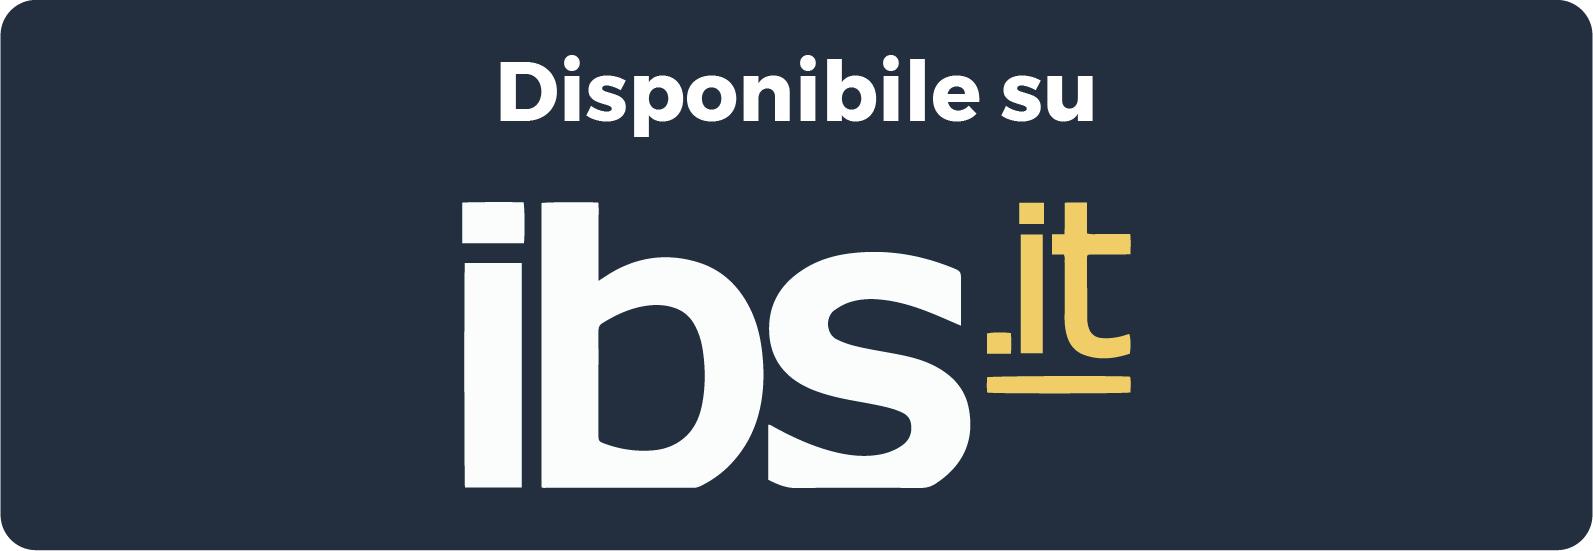 l'altra parte del lavoro - disponibile su ibs